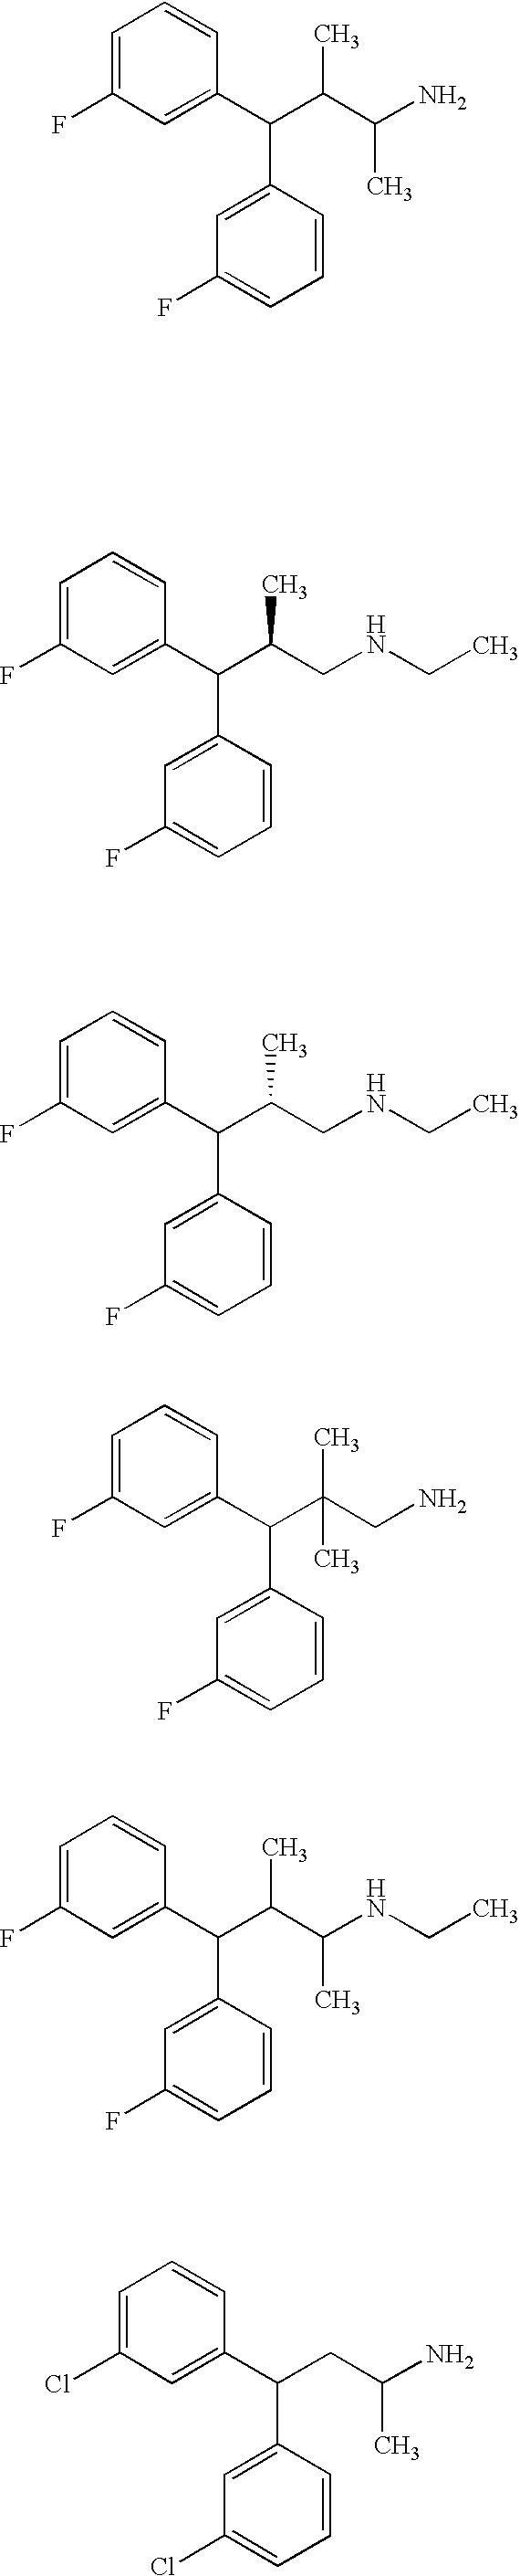 Figure US20050282859A1-20051222-C00041